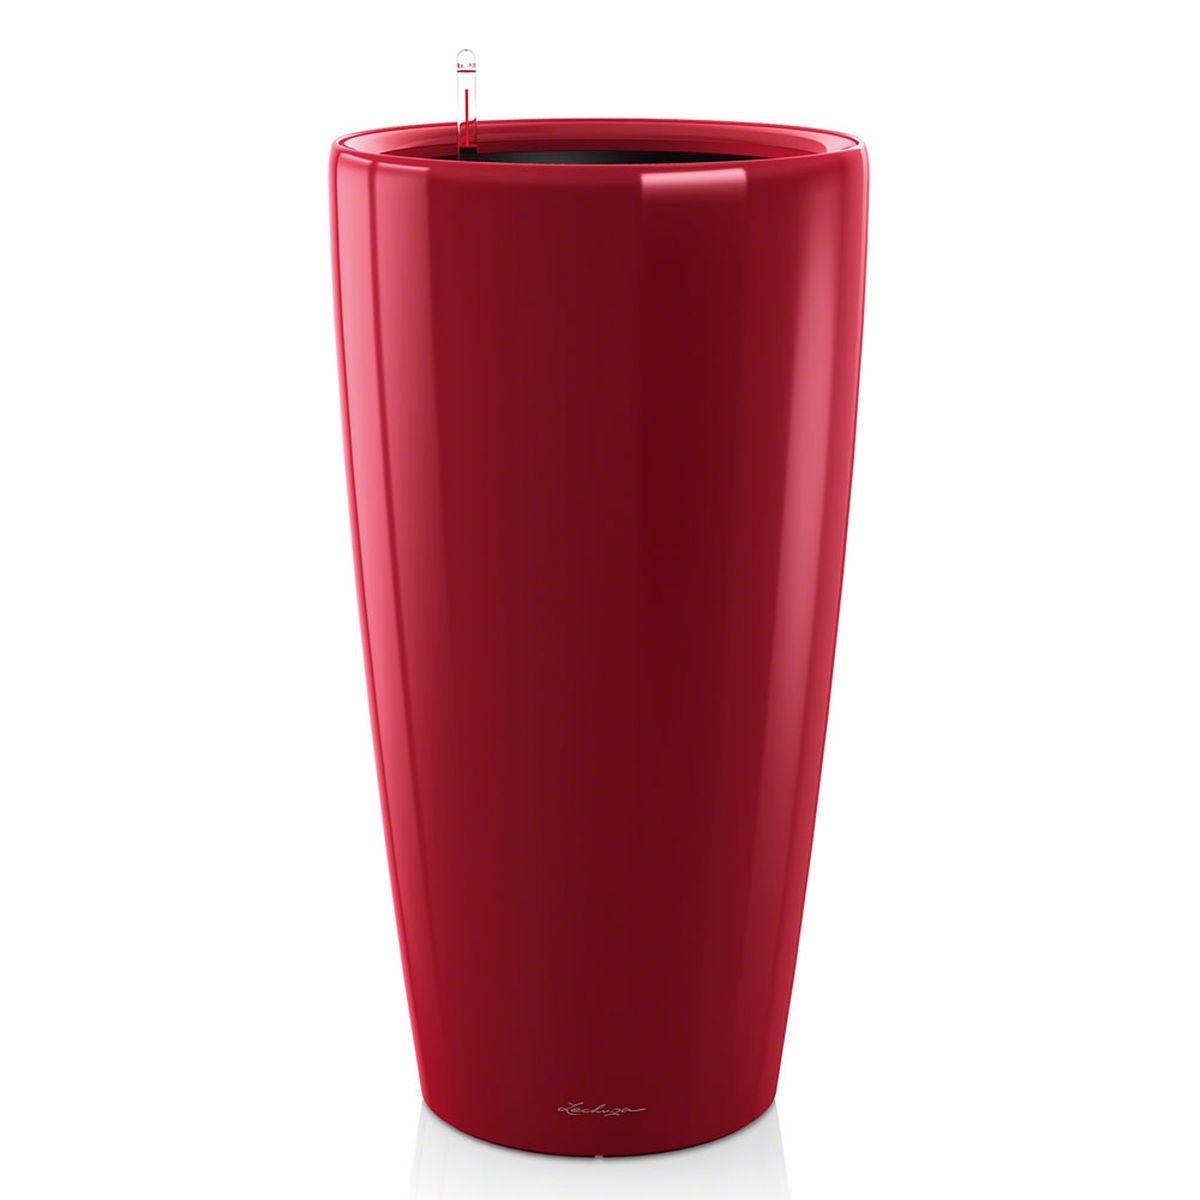 Кашпо Lechuza Rondo, с системой автополива, цвет: красный, диаметр 32 см15799Кашпо Lechuza Rondo, изготовленное из высококачественного пластика, идеальное решение для тех, кто регулярно забывает поливать комнатные растения. Стильный дизайн позволит украсить растениями офис, кафе или любое другое помещение. Кашпо Lechuza Rondo с системой автополива упростит уход за вашими цветами и поможет растениям получать то количество влаги, которое им необходимо в данный момент времени.В набор входит: кашпо, внутренний горшок, индикатор уровня воды, вал подачи воды, субстрат растений в качестве дренажного слоя, резервуар для воды.Внутренний горшок, оснащенный выдвижными ручками, обеспечивает:- легкую переноску даже высоких растений;- легкую смену растений;- можно также просто убрать растения на зиму;- винт в днище позволяет стечь излишней дождевой воде наружу.Кашпо Lechuza Rondo украсит любой интерьер и станет замечательным подарком для ваших родных и близких.